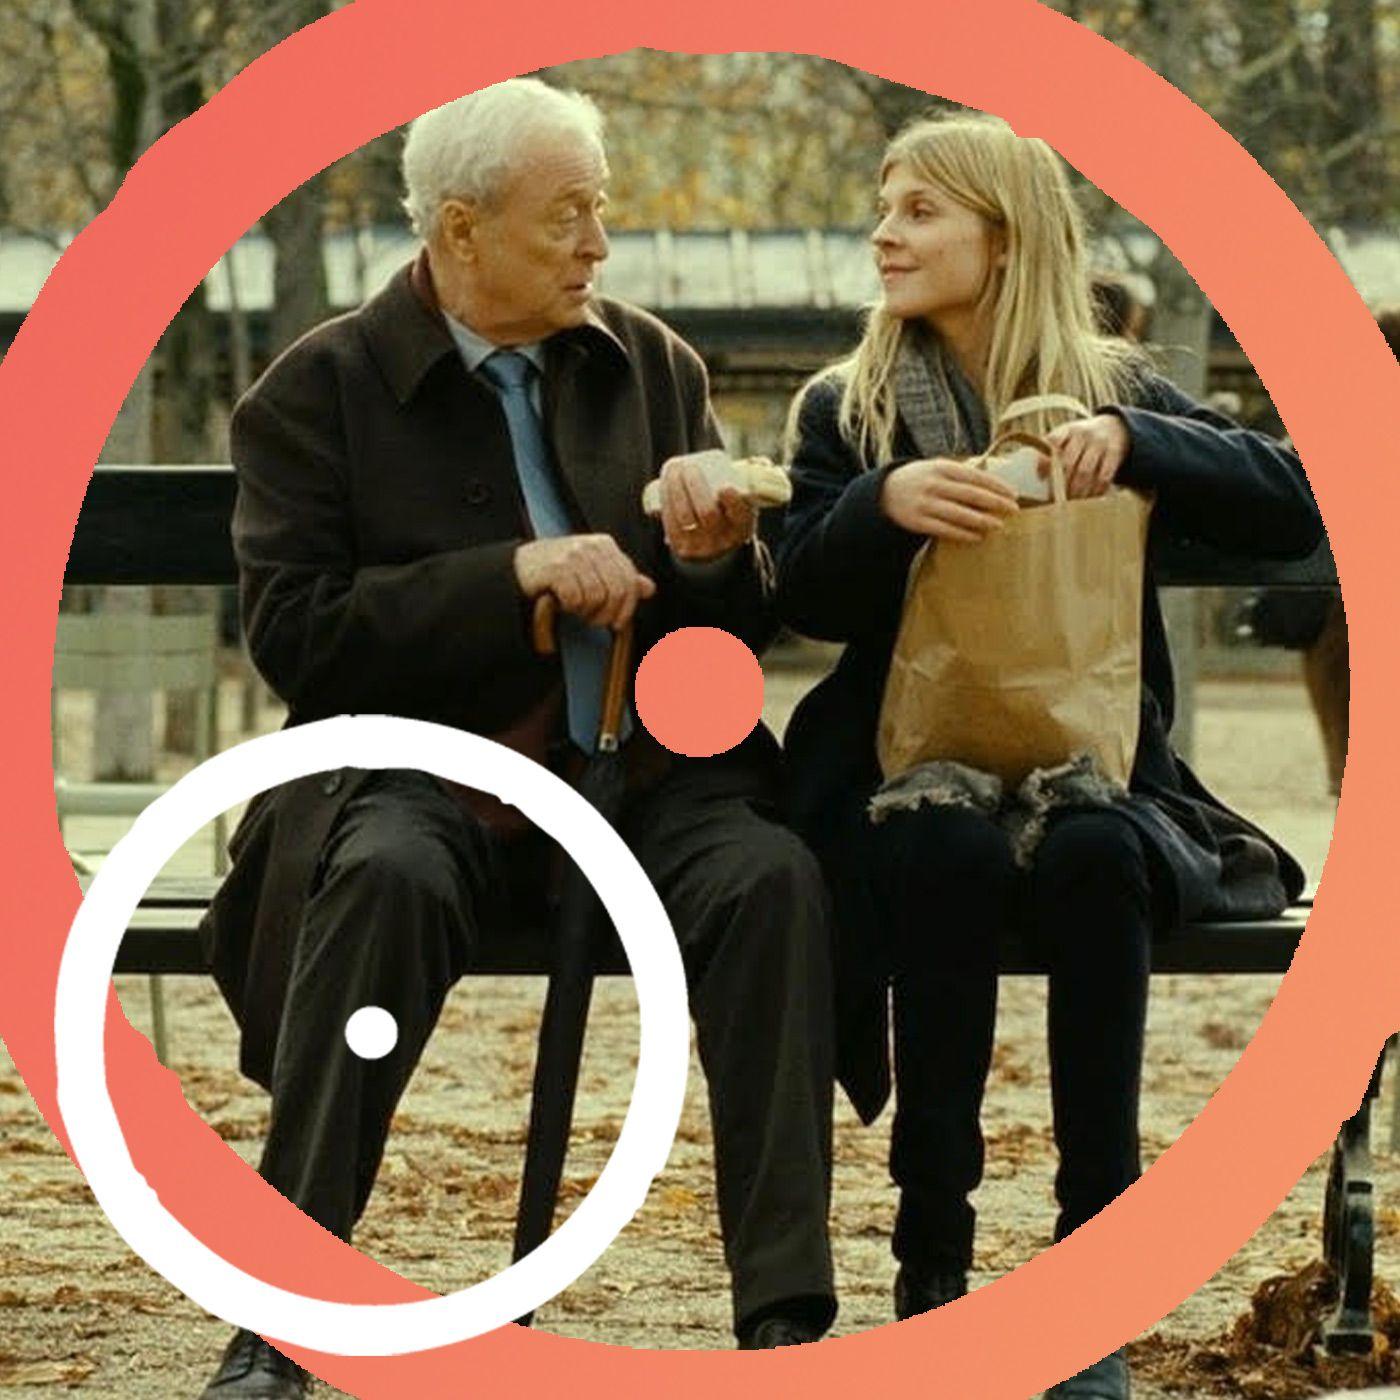 S02E16 - La stagione del raccolto: il cinema come strumento per comprendere la vecchiaia